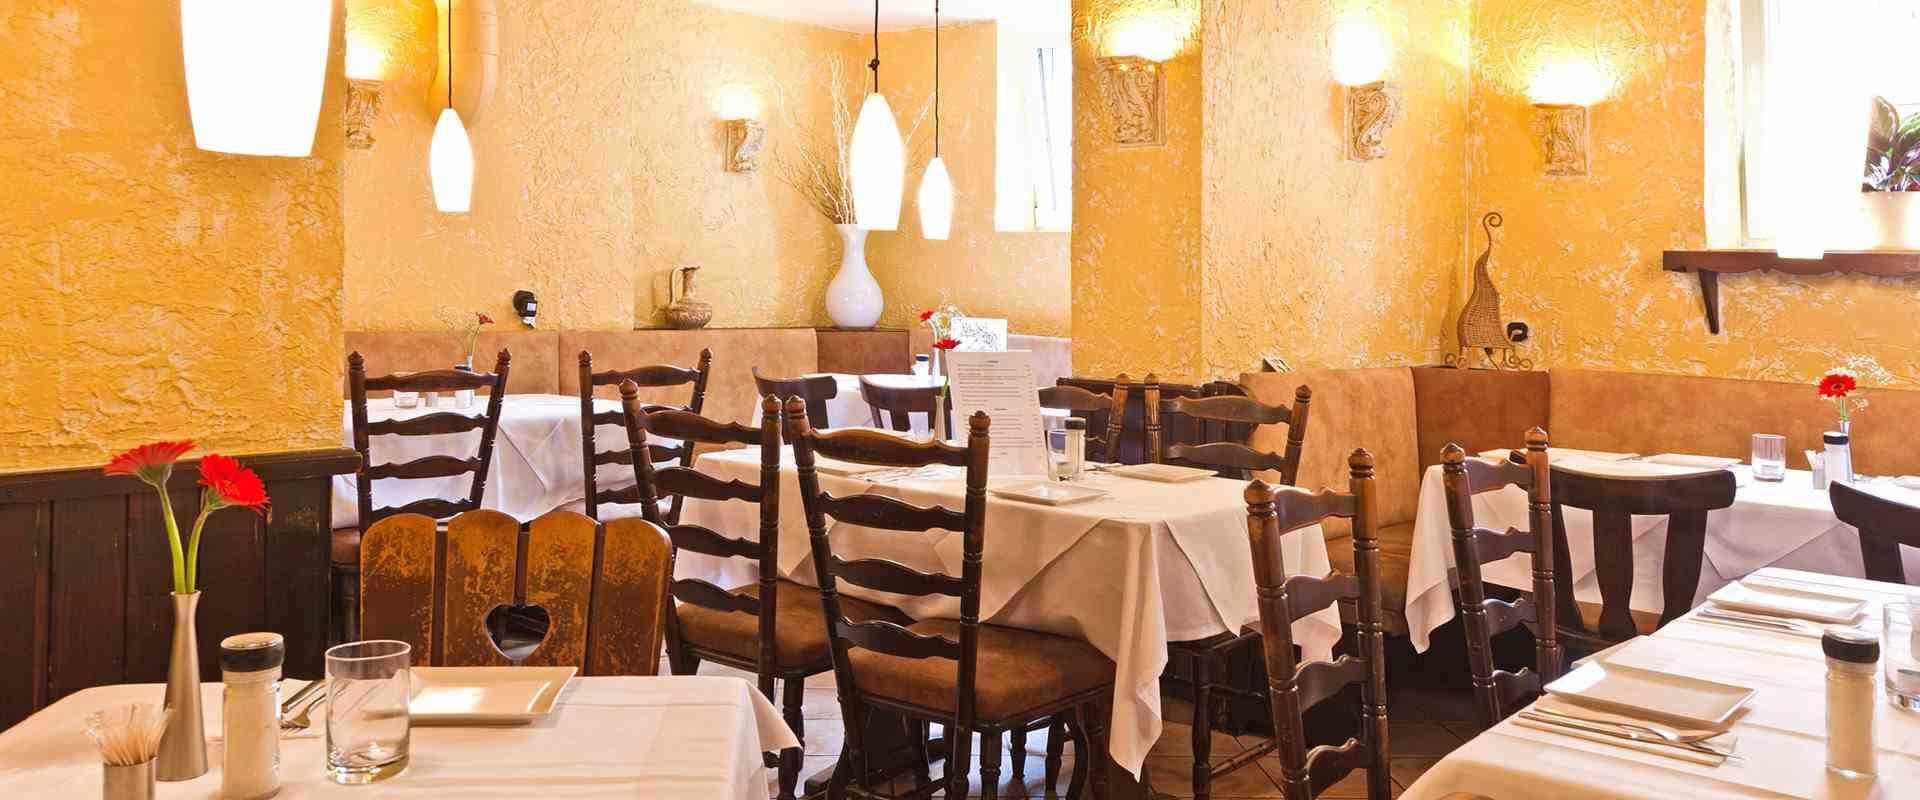 Gutes Griechisches Restaurant